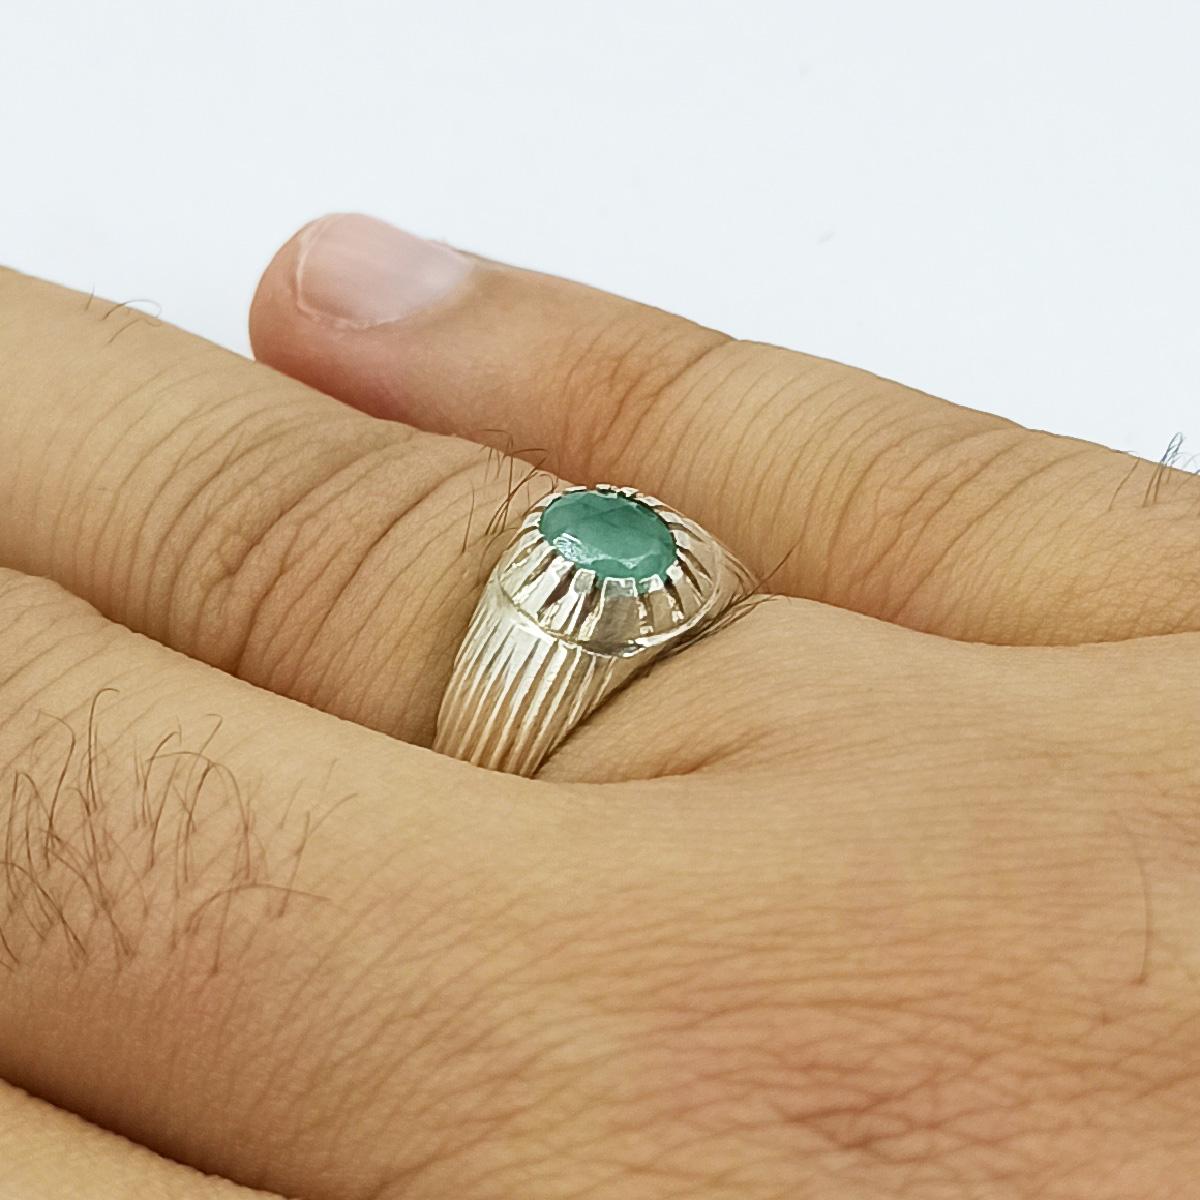 انگشتر نقره مردانه سلین کالا مدل زمرد ce-As188